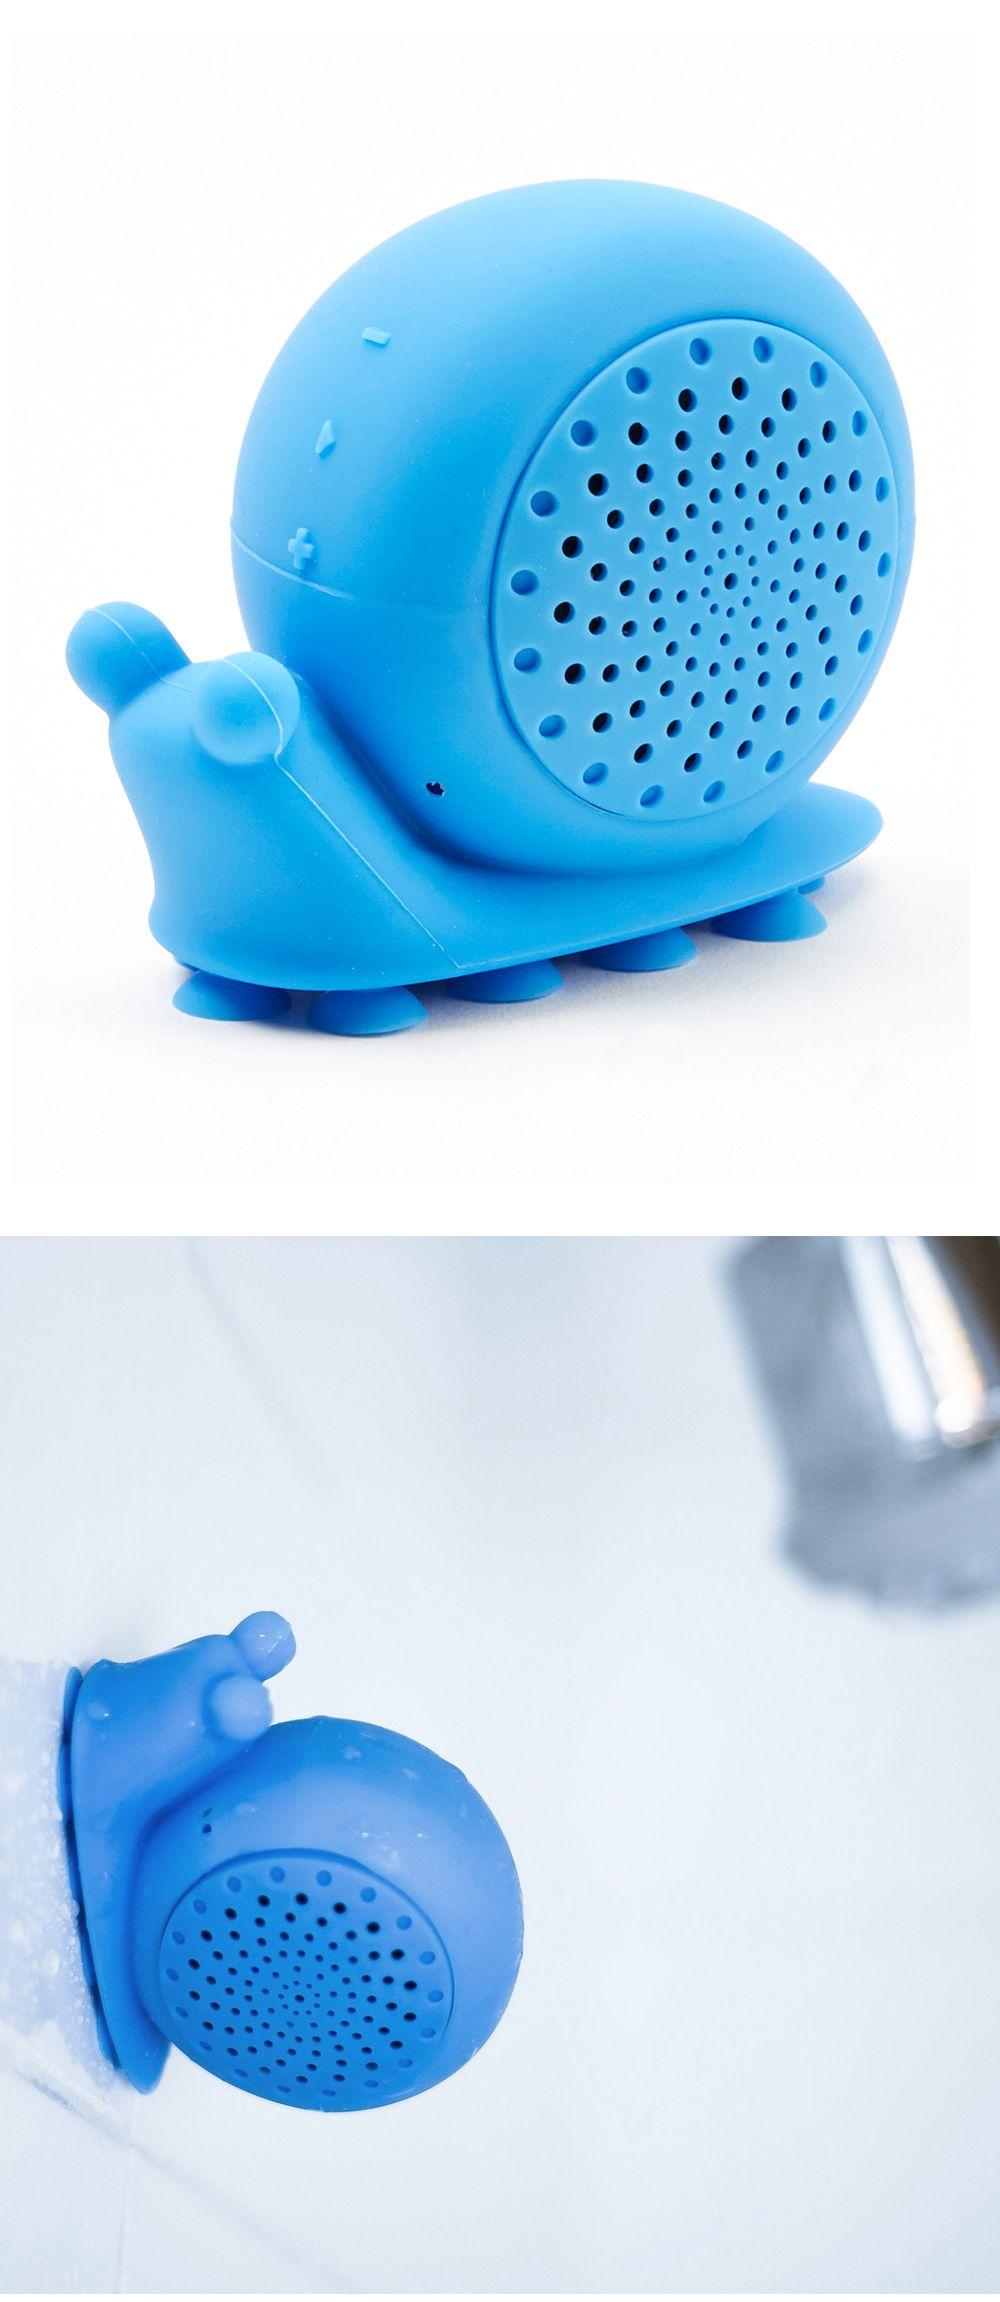 Bluetooth Shower Speaker - Love it! | Pinterest - Toekomstig huis ...